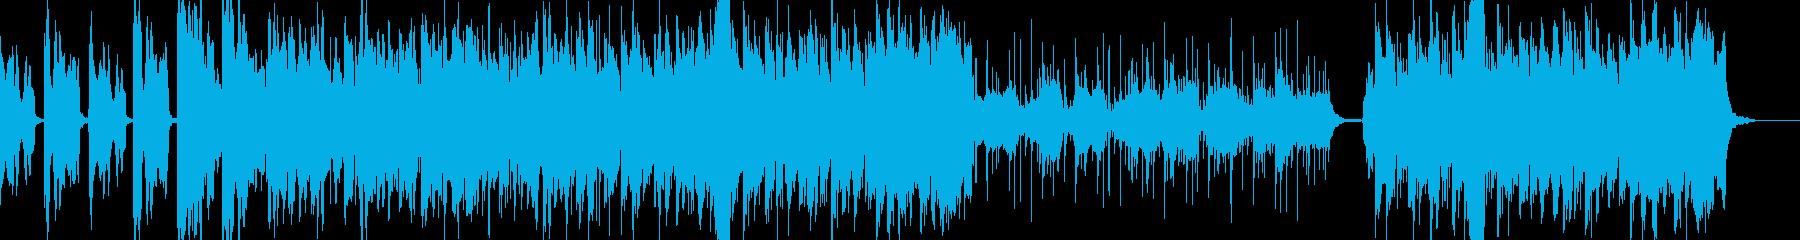 ほのぼのした弦楽器メロディーの音楽の再生済みの波形